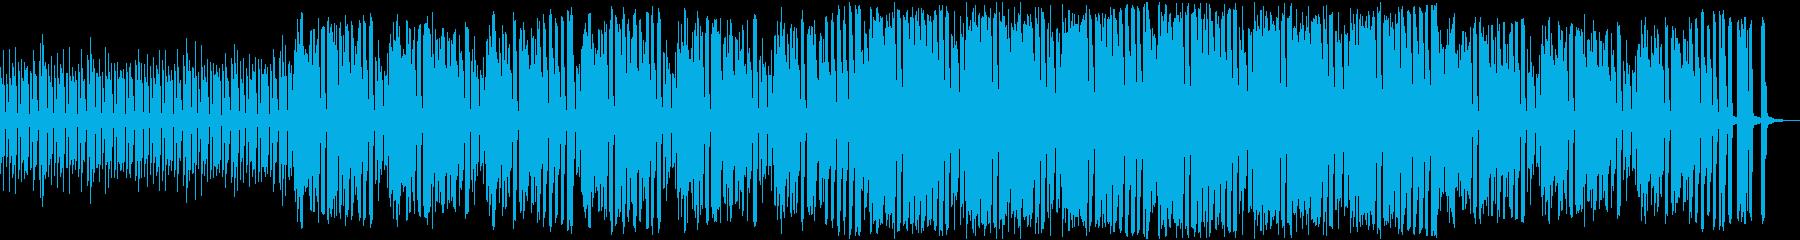 コミカル・パズル・アプリ・ゲームの再生済みの波形